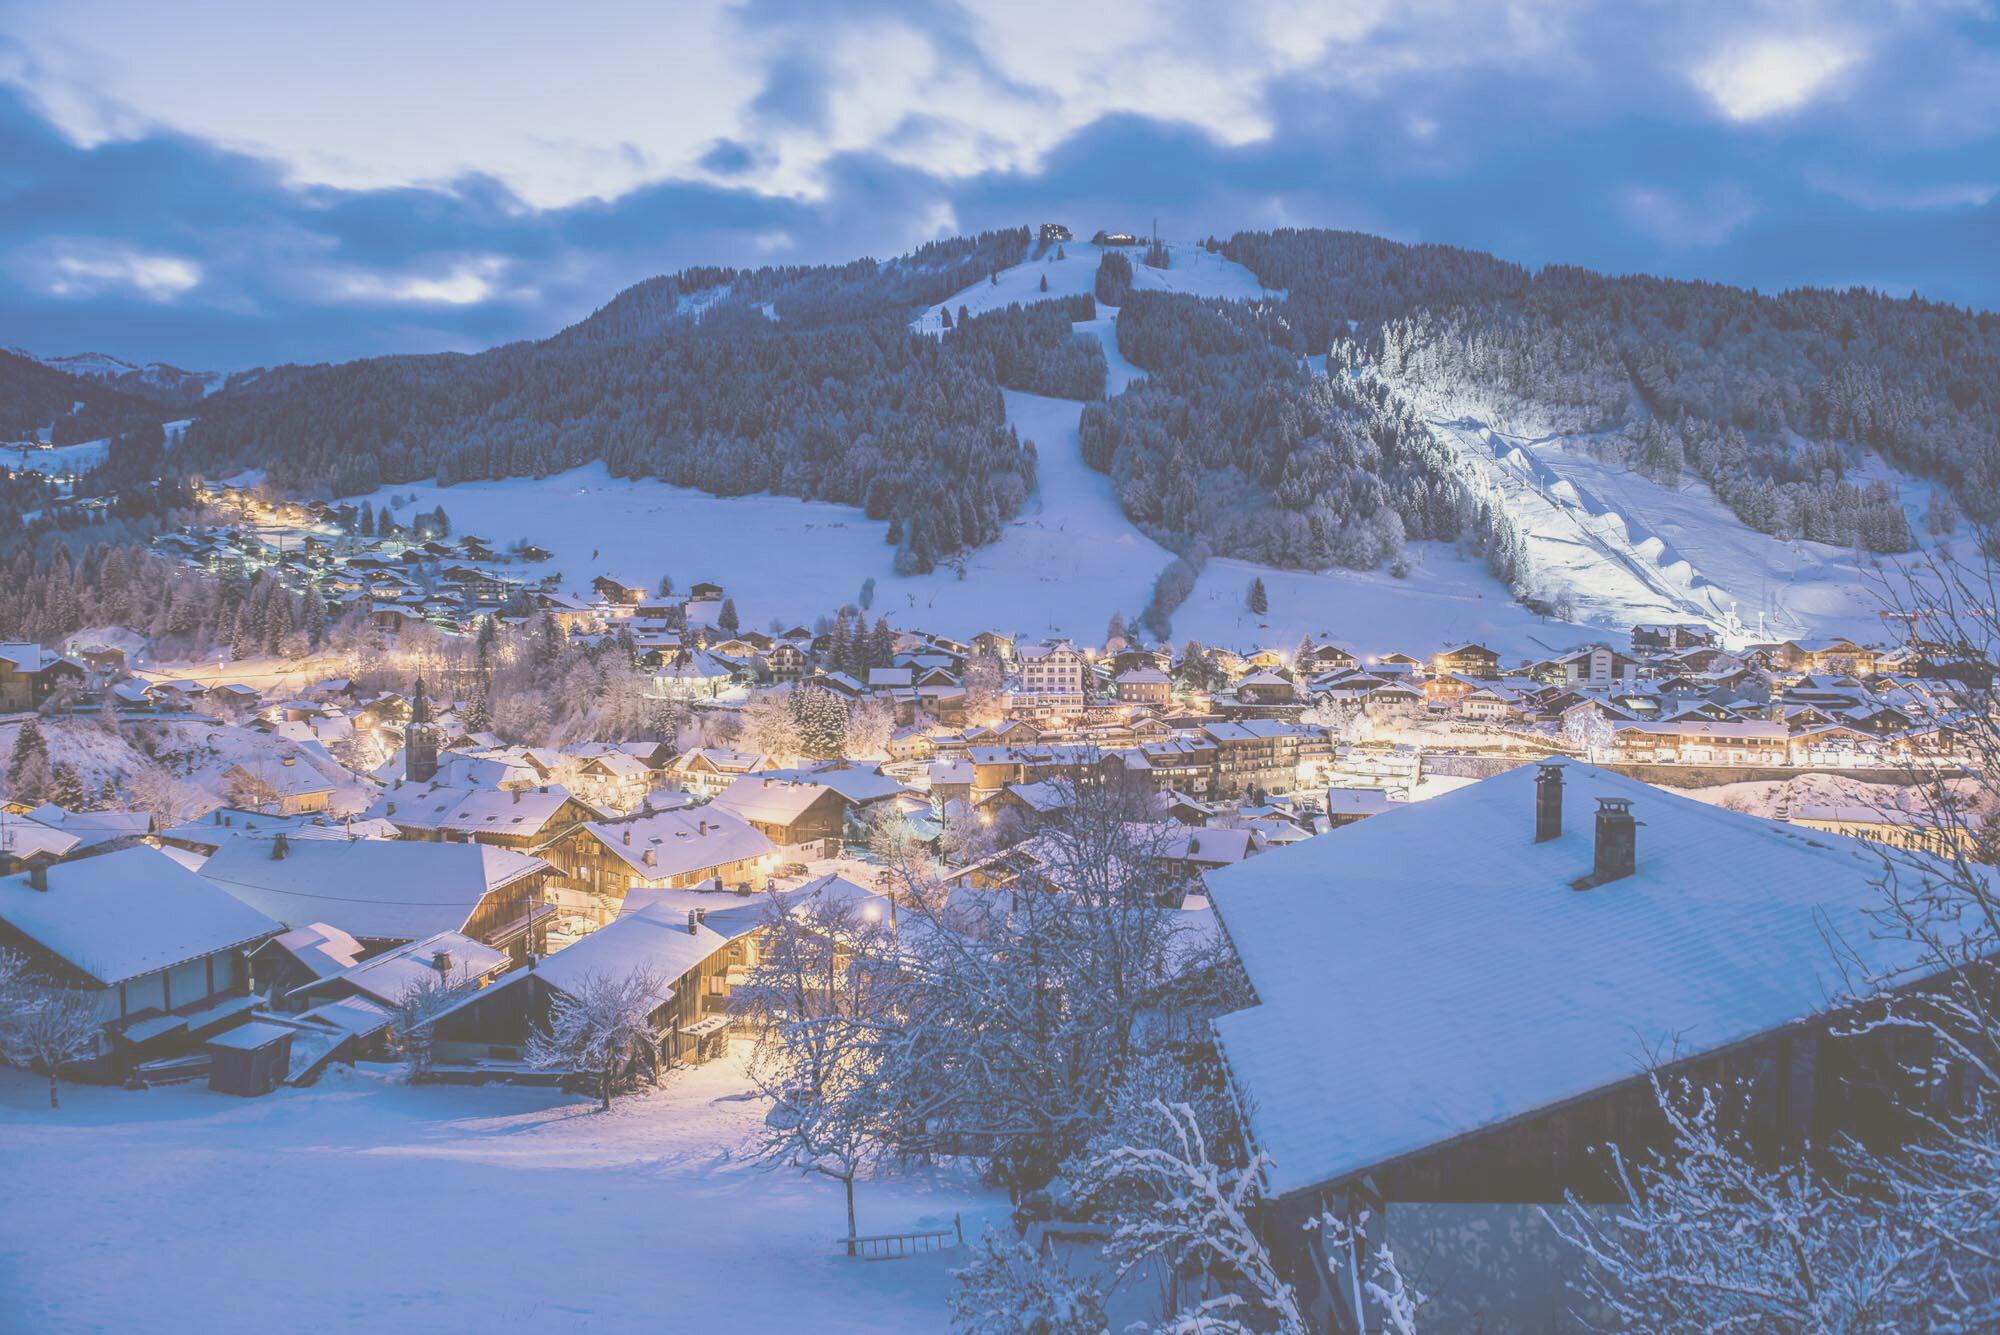 ski-chalet-holiday-morzine-resort-lifestyle.jpg